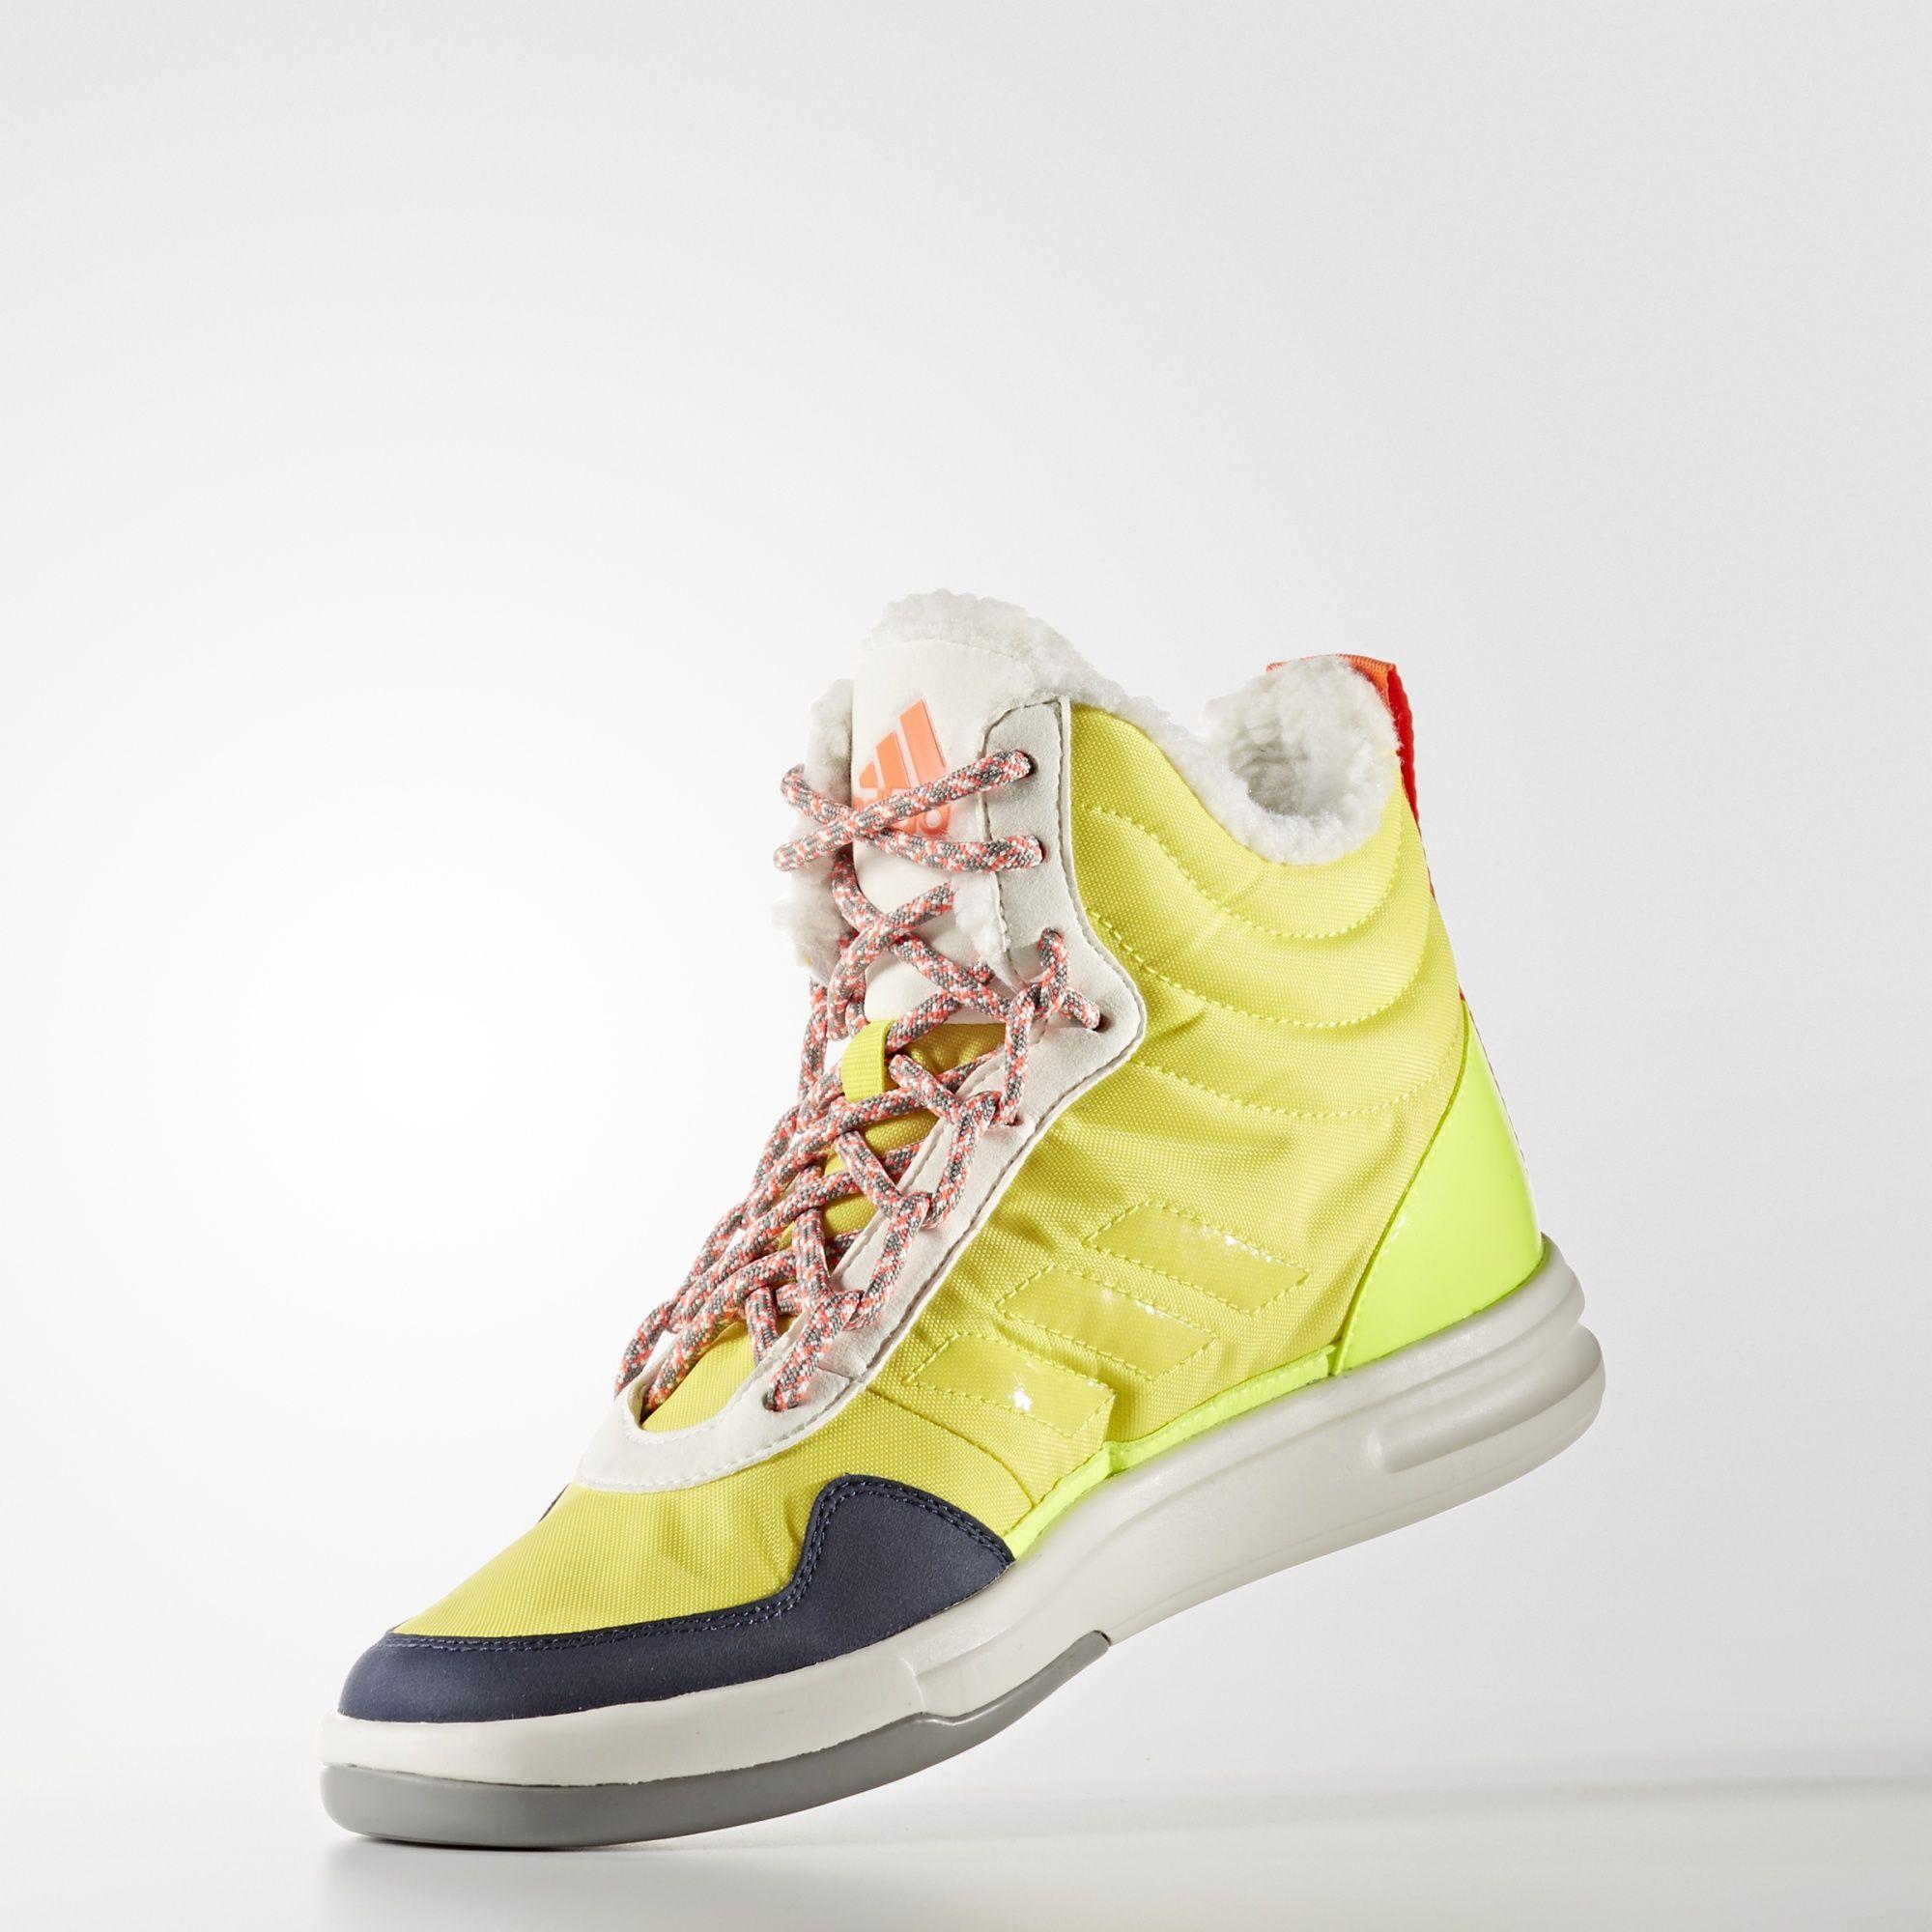 Zapatos adidas adidas stellasport irana es comprar la vida